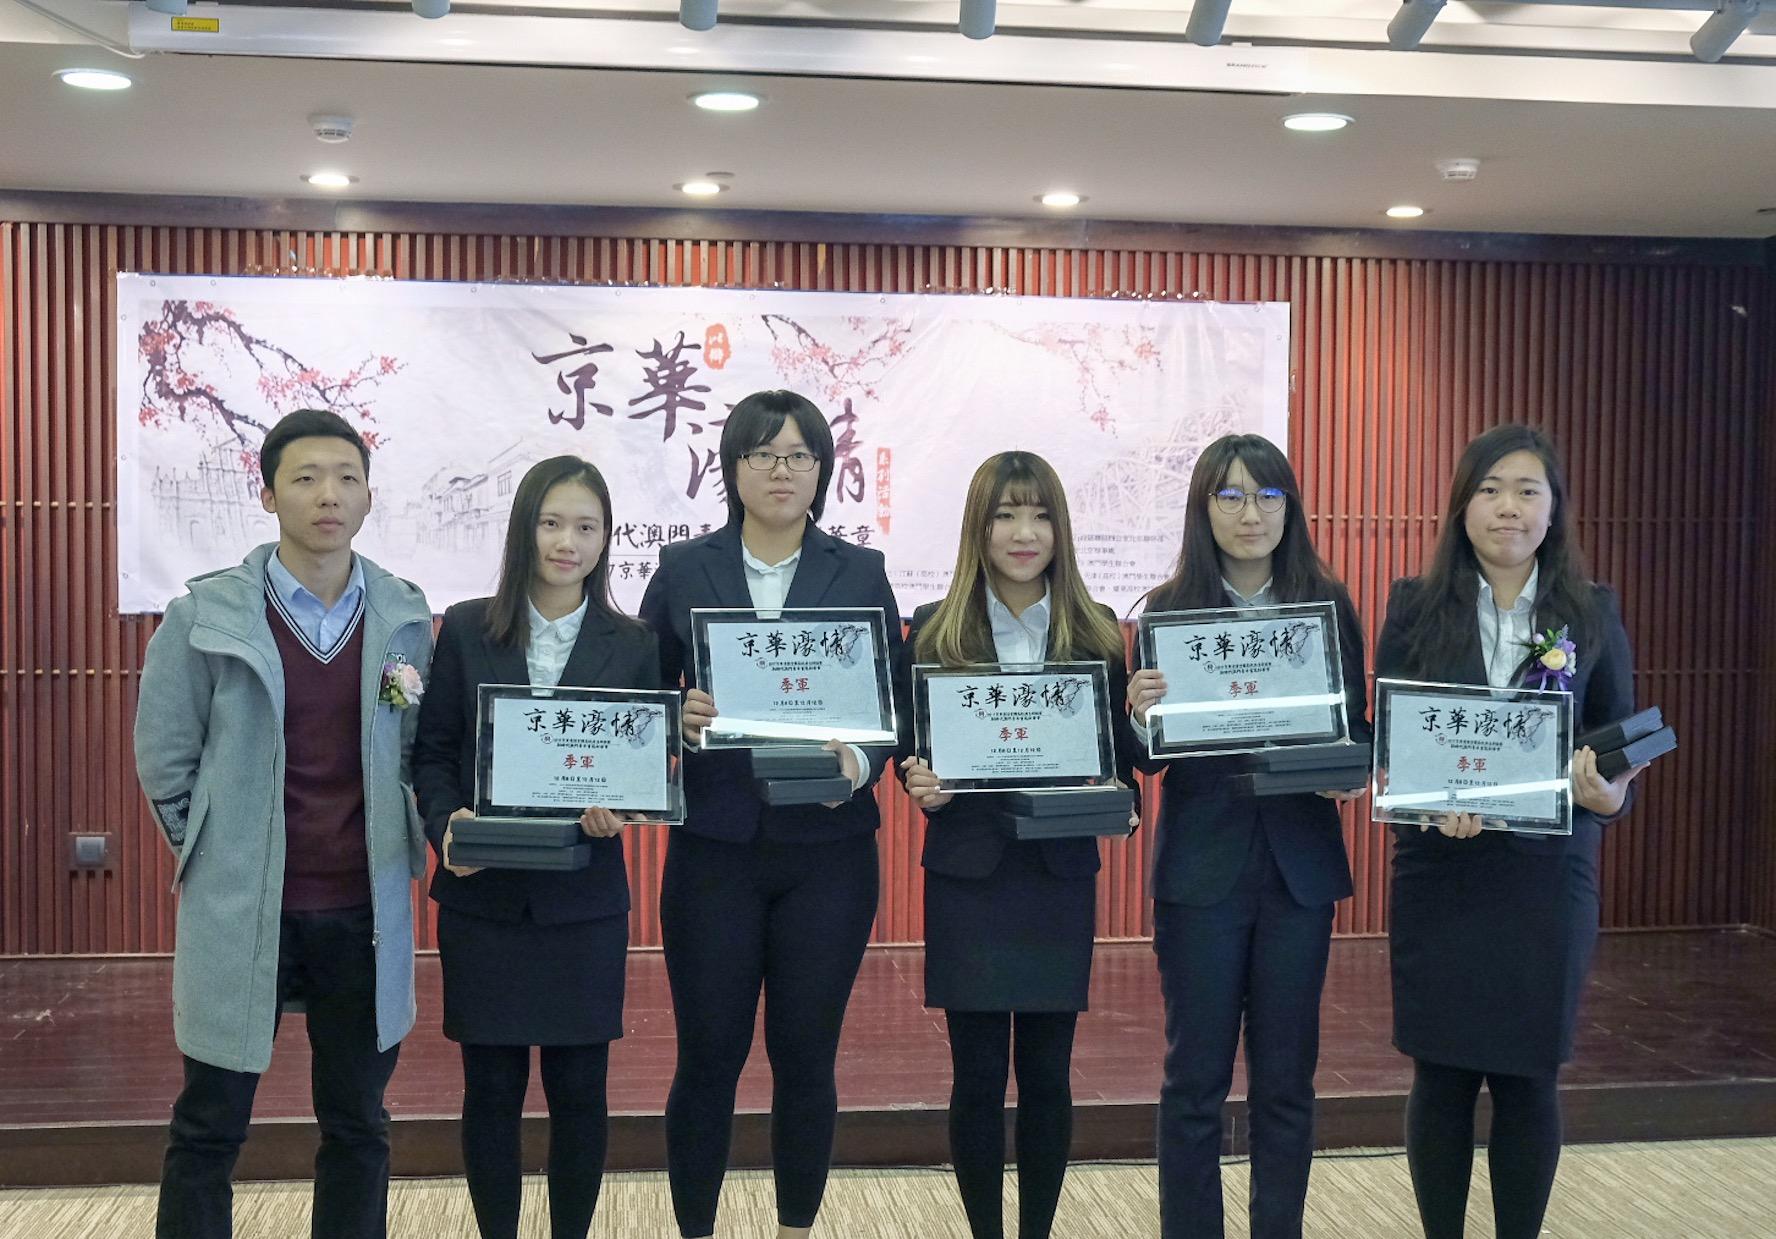 代表上海澳生參與京華濠情辯論賽(相片由受訪者提供)